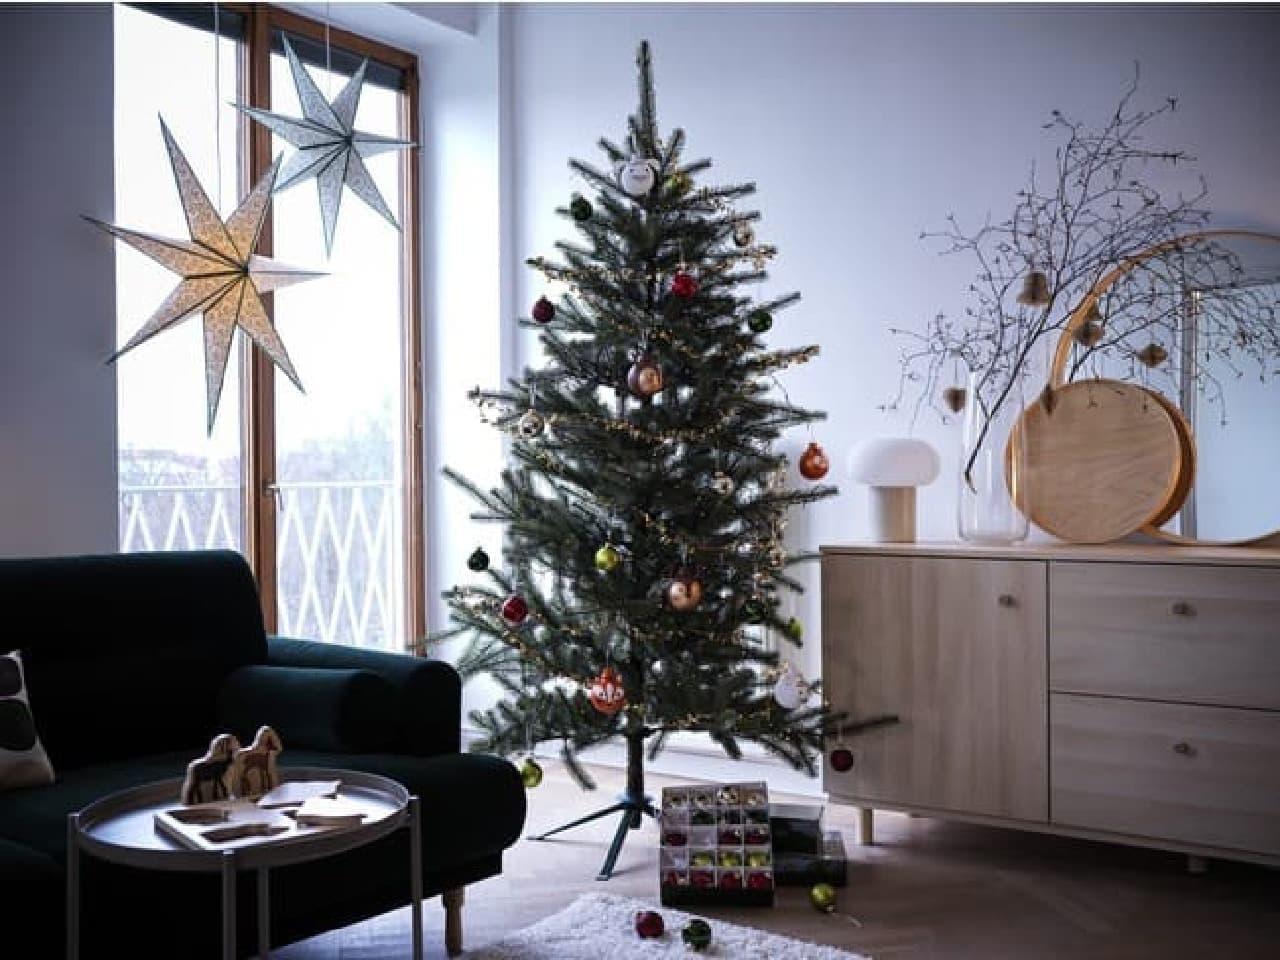 イケア クリスマスコレクション発表 -- 自然で穏やかな森イメージのオーナメント・テーブルウェアなど